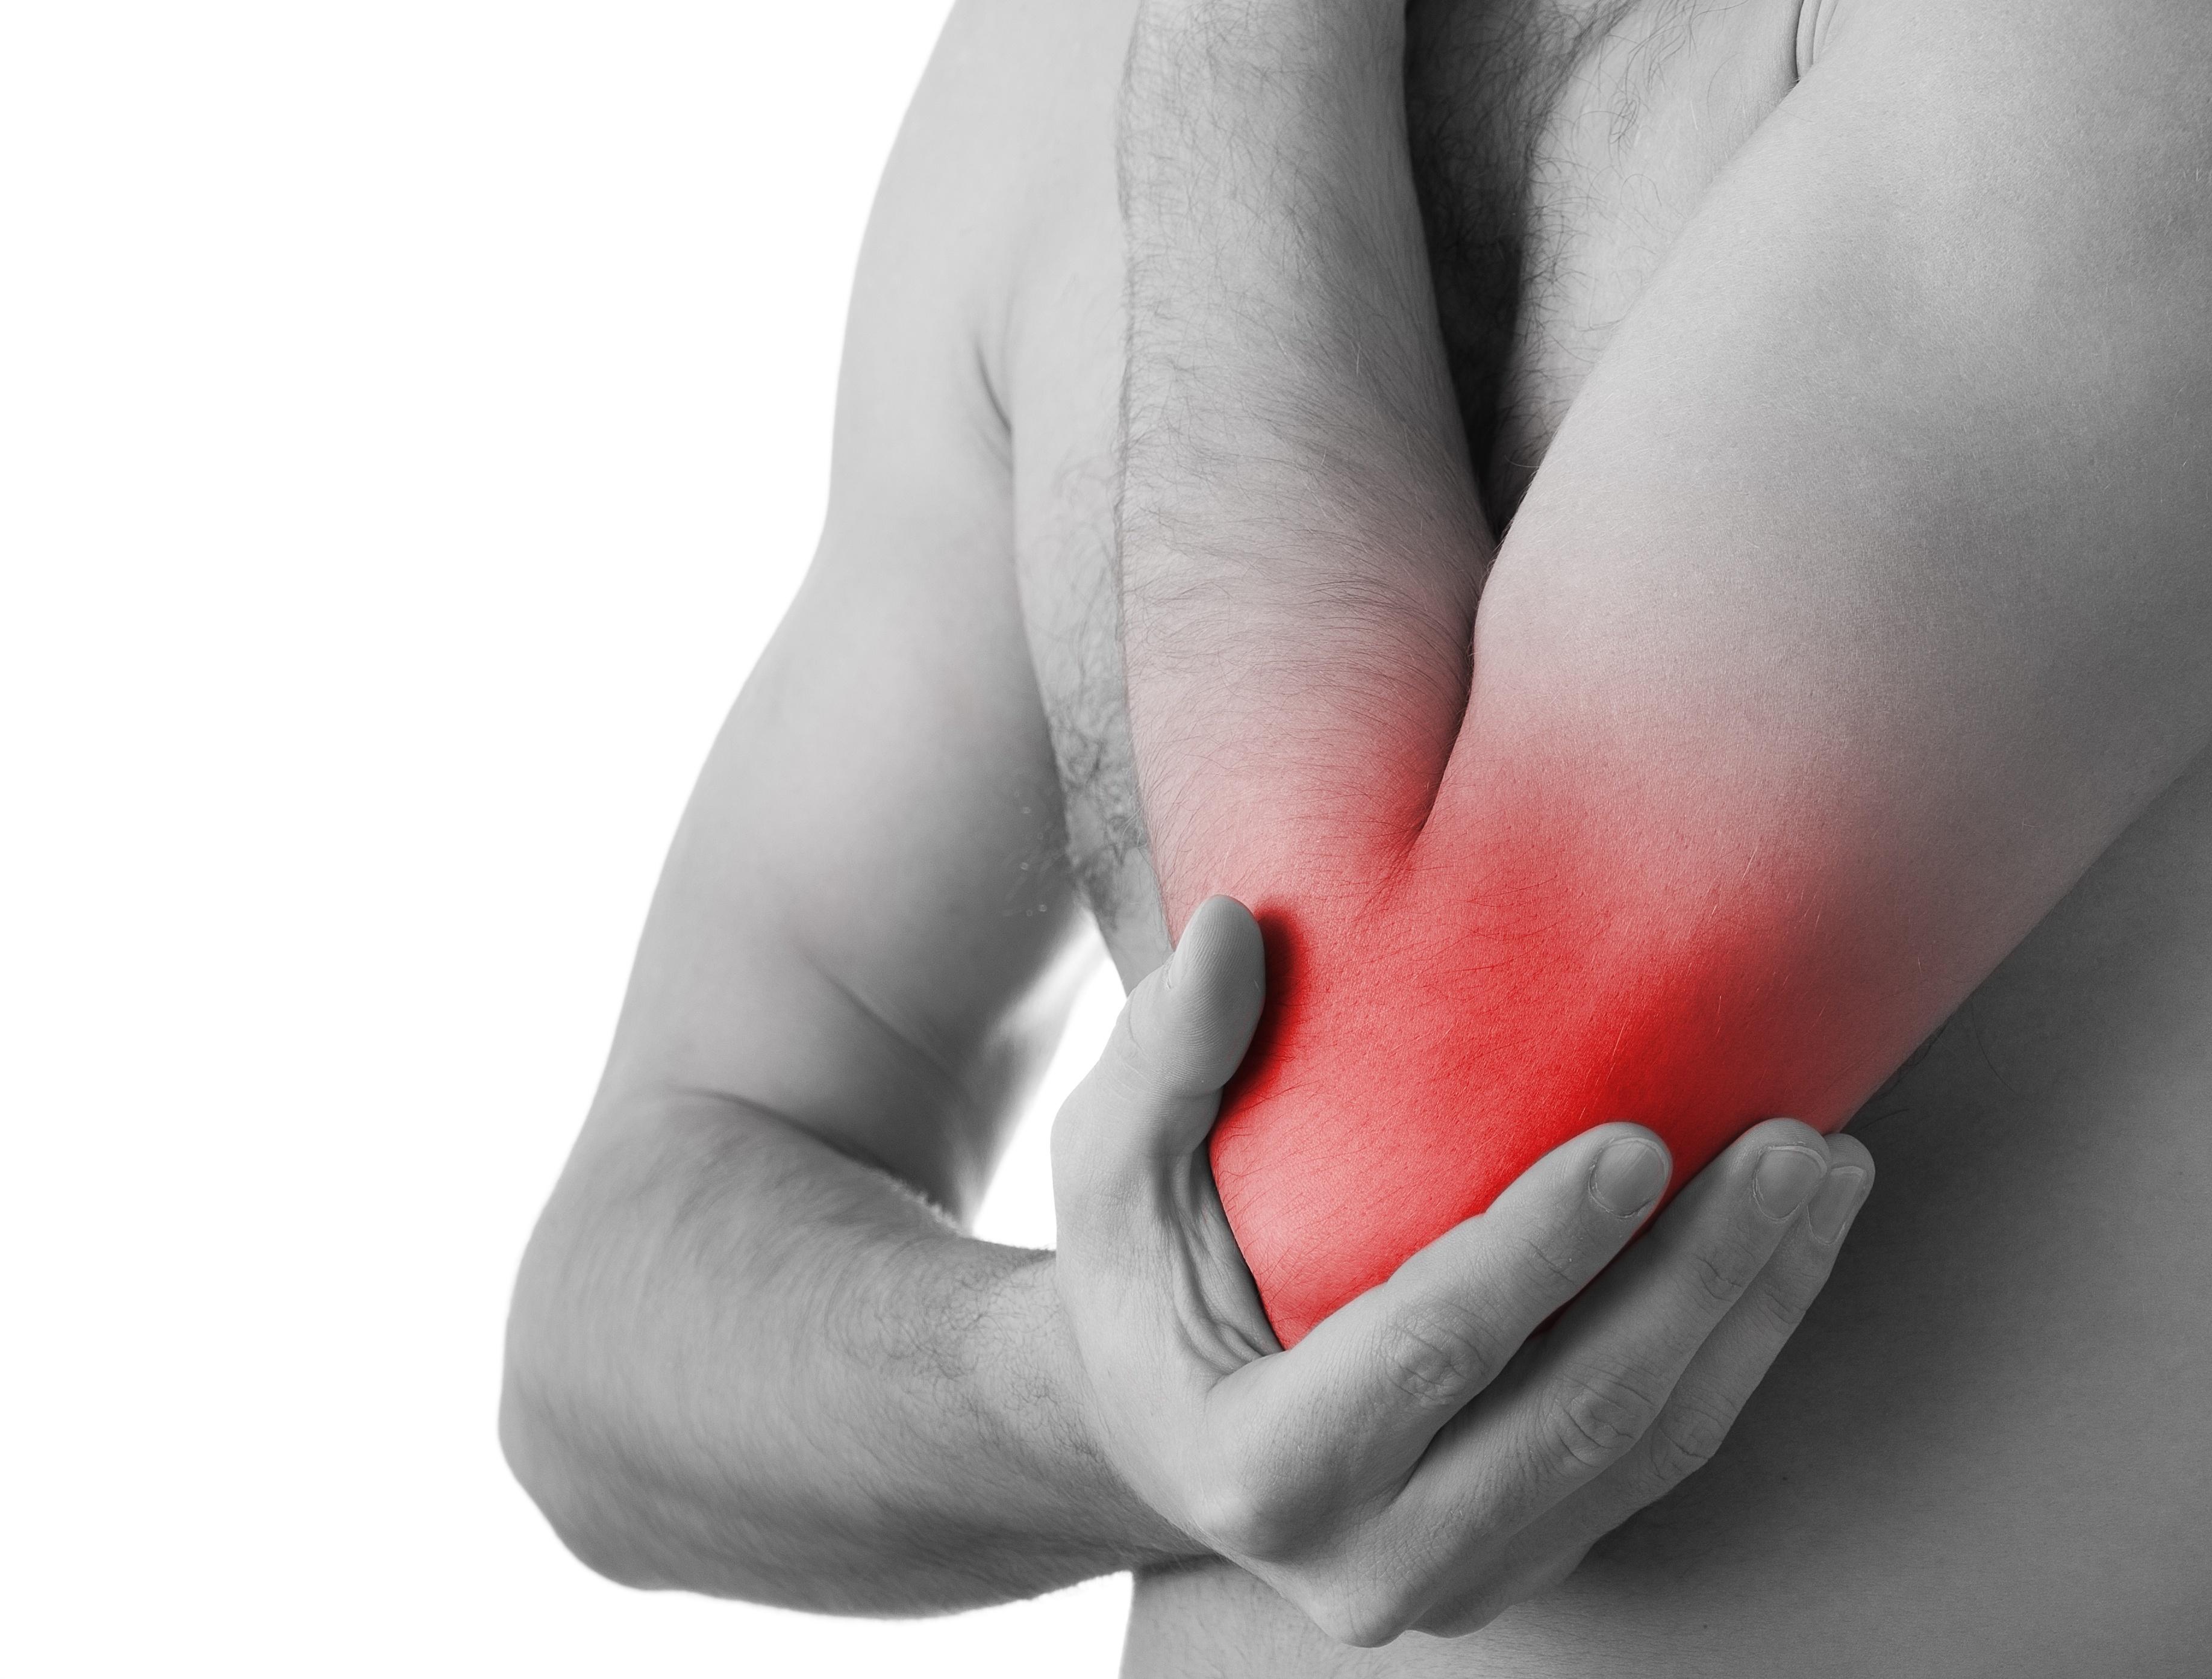 ízületi betegség leírása és kezelése 1. fokú csípőízület osteoarthrosis hogyan kell kezelni